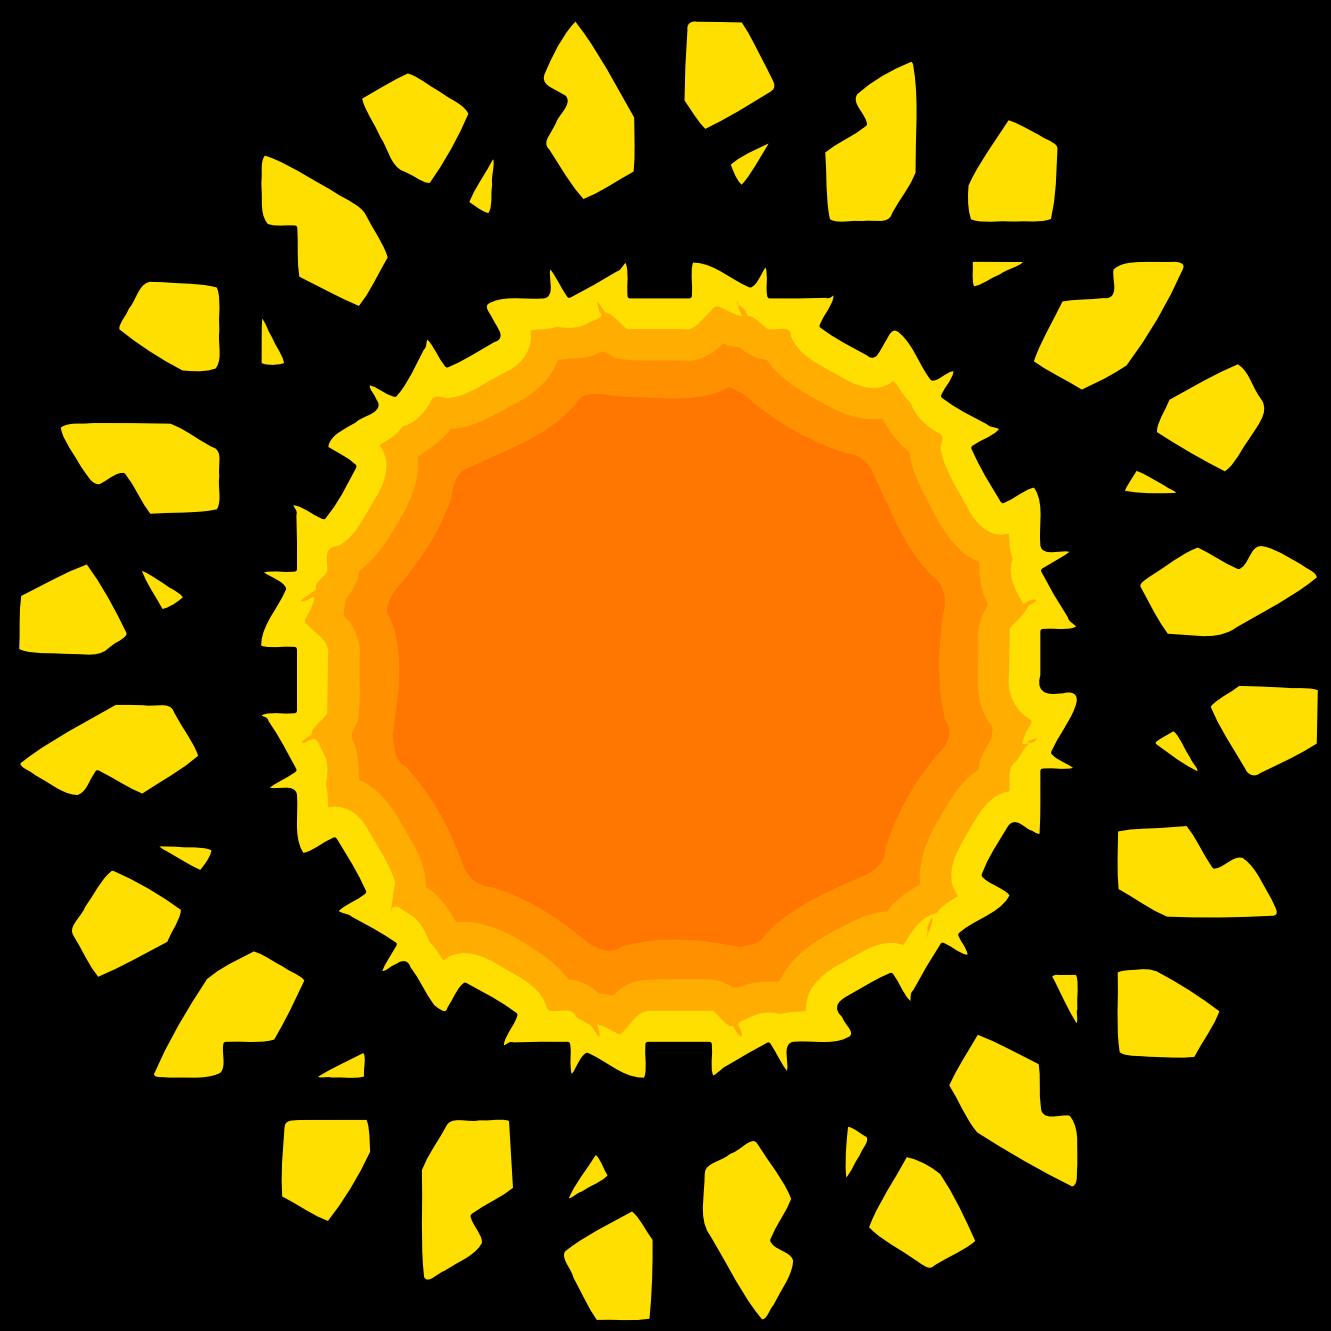 1331x1331 Girly Sun Cliparts